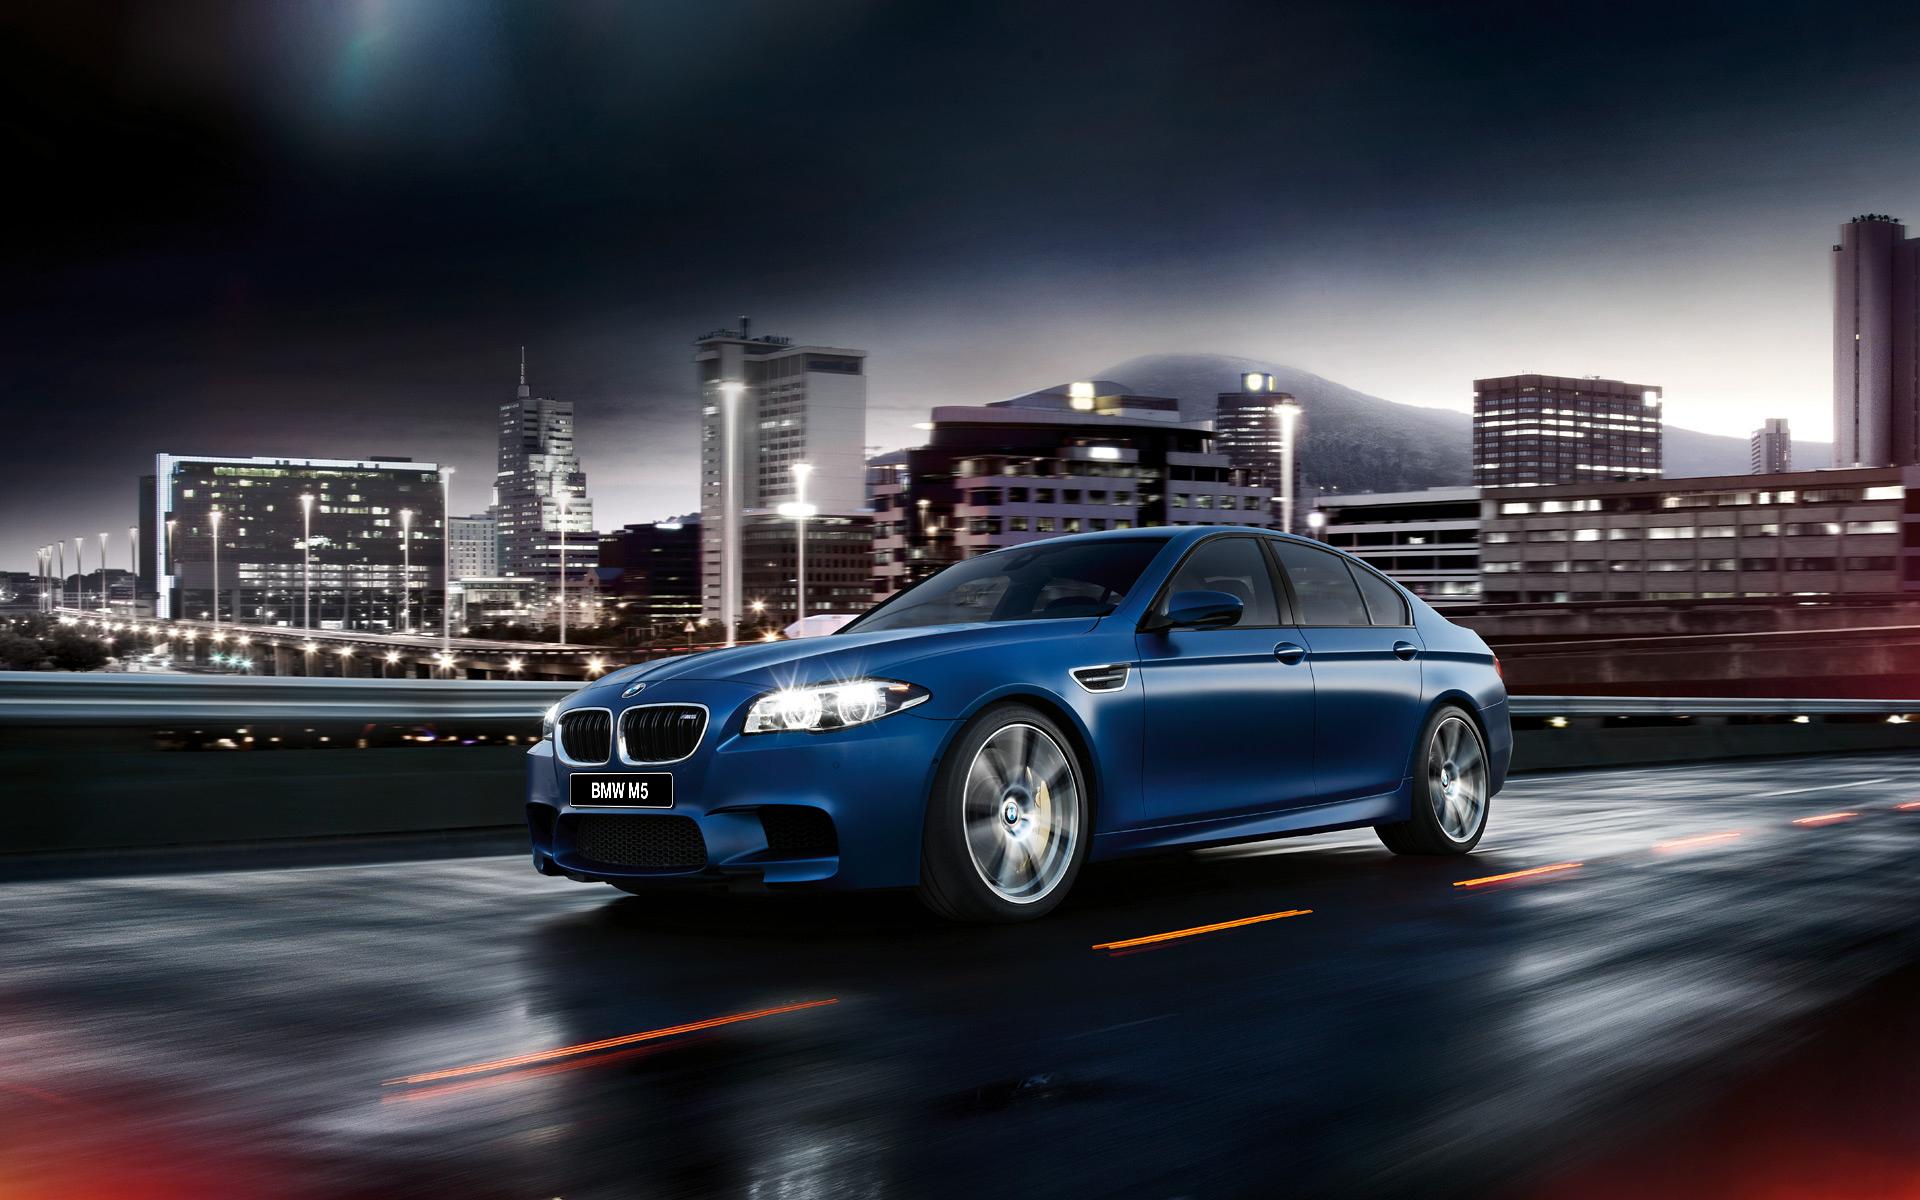 2015 BMW M5 F10 Wallpaper | HD Car Wallpapers | ID #5723